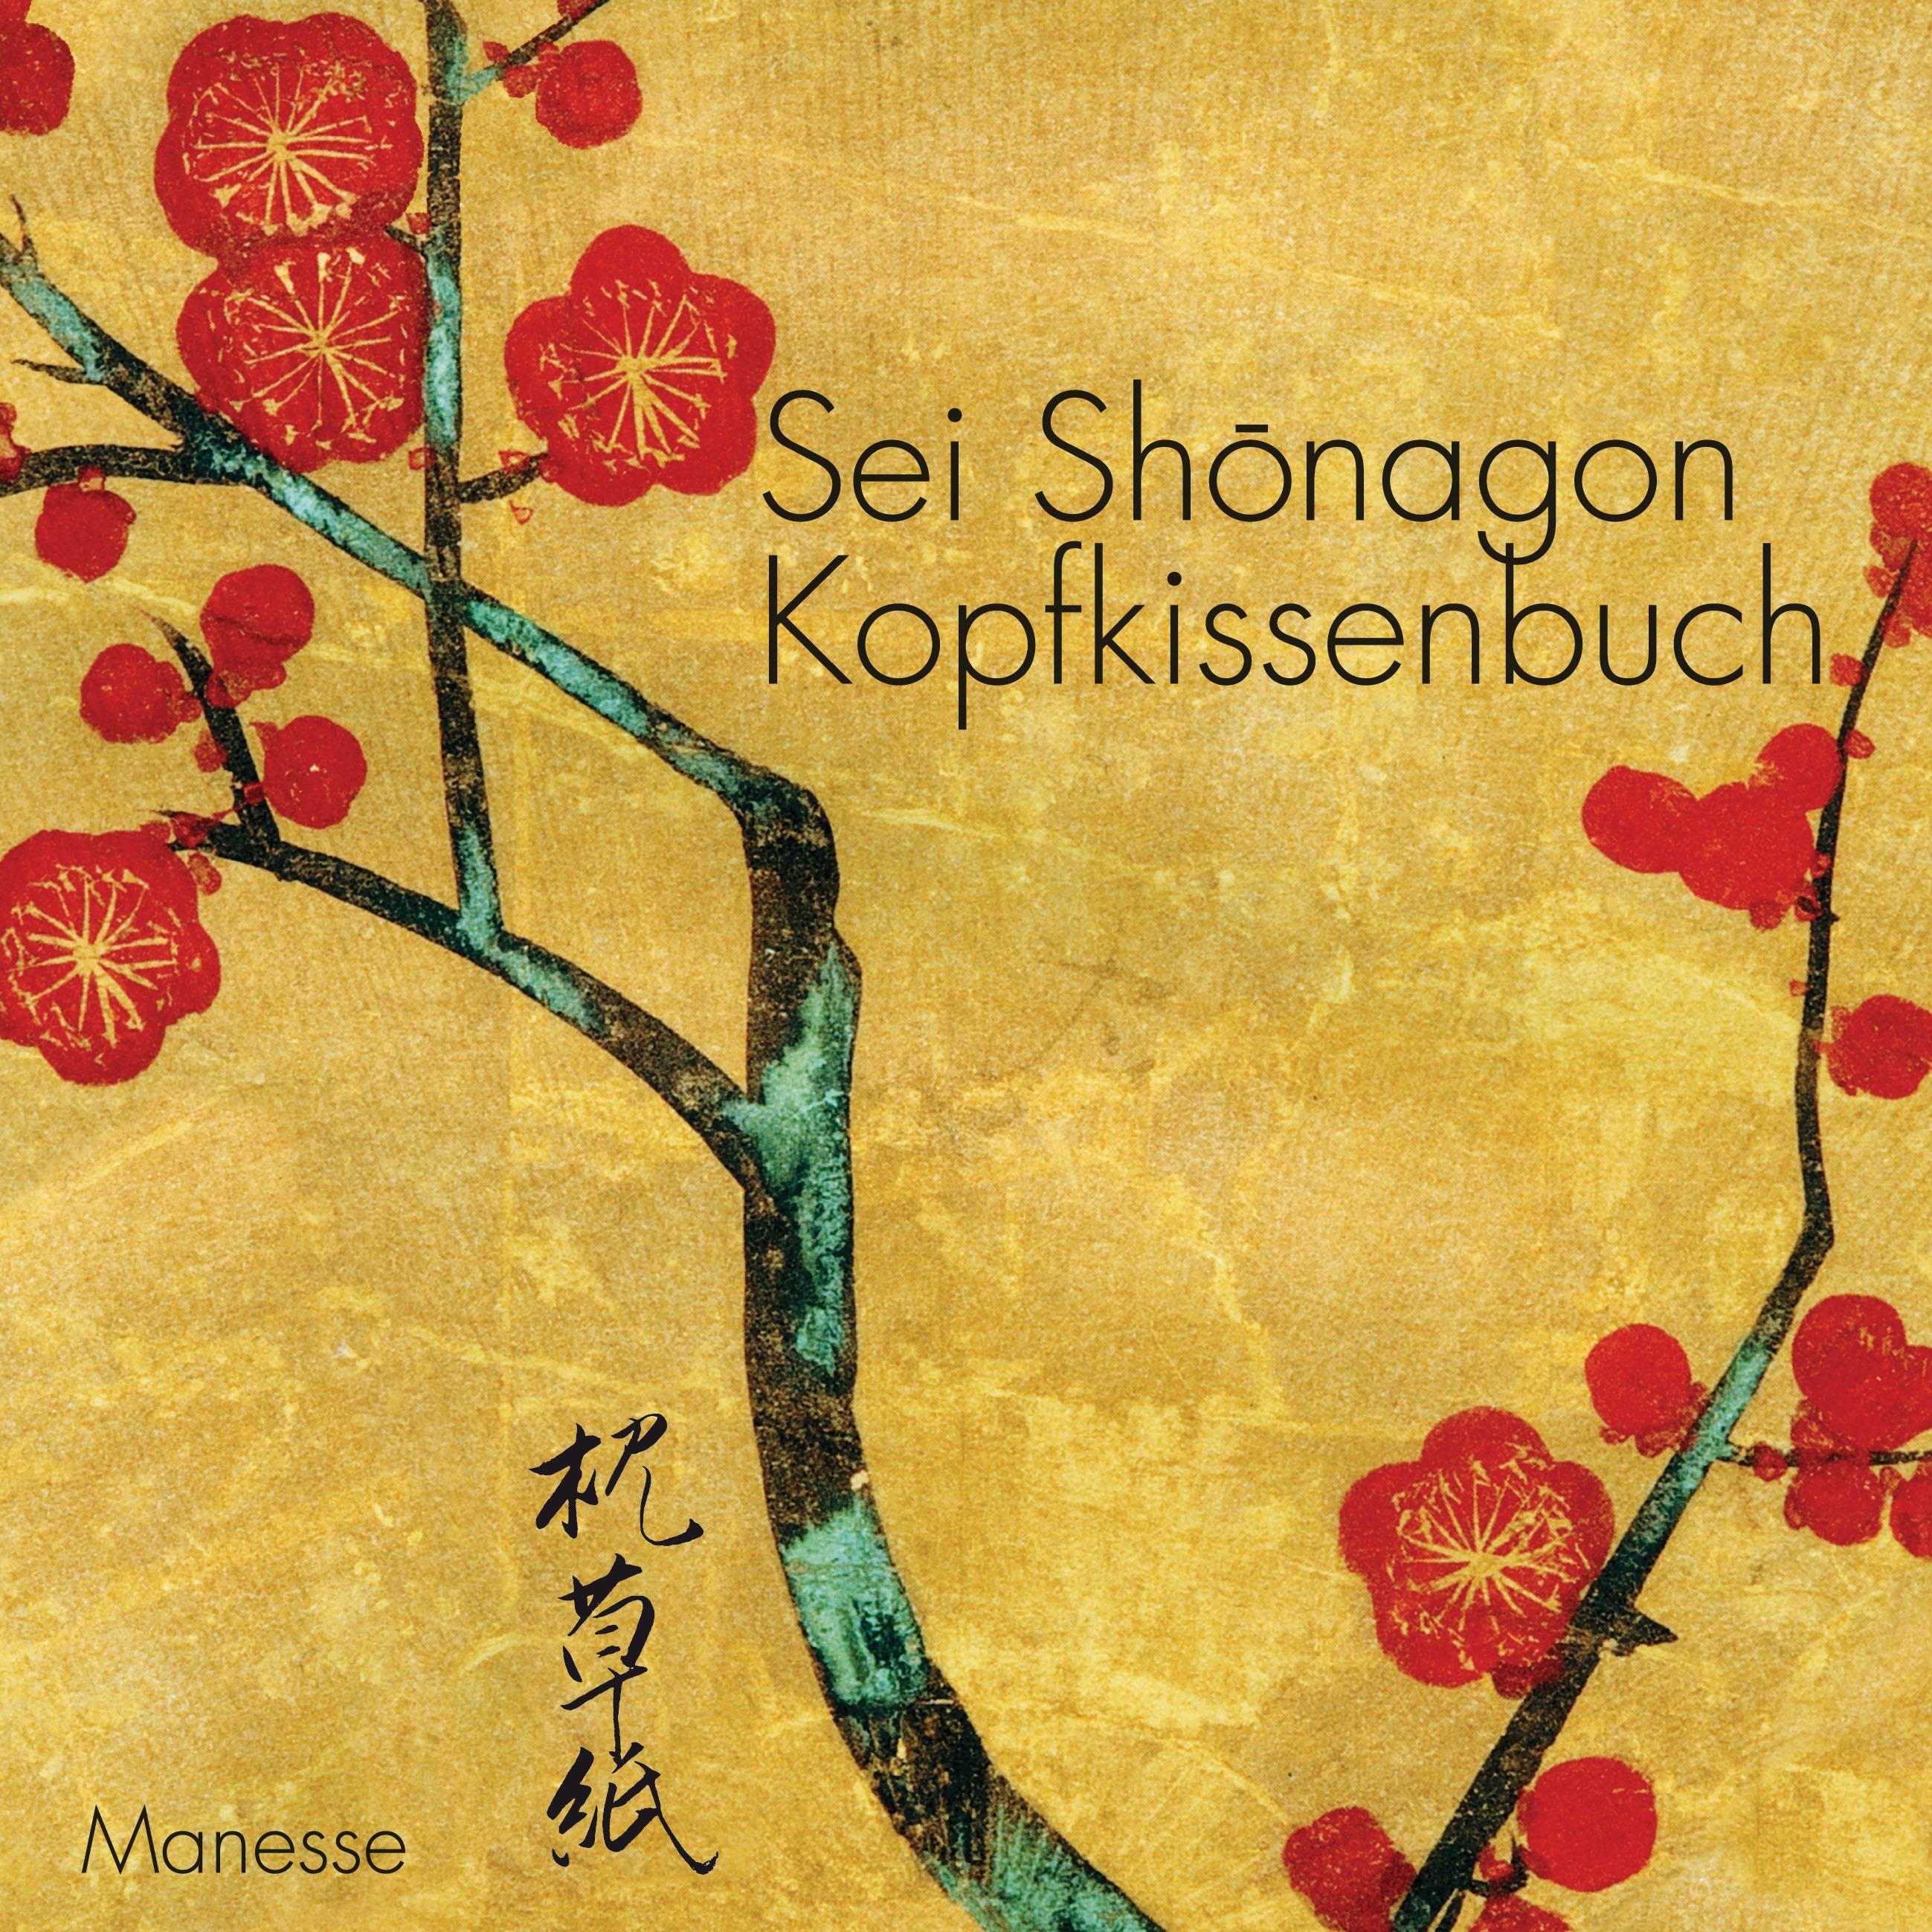 Kopfkissenbuch - Sei Shonagon